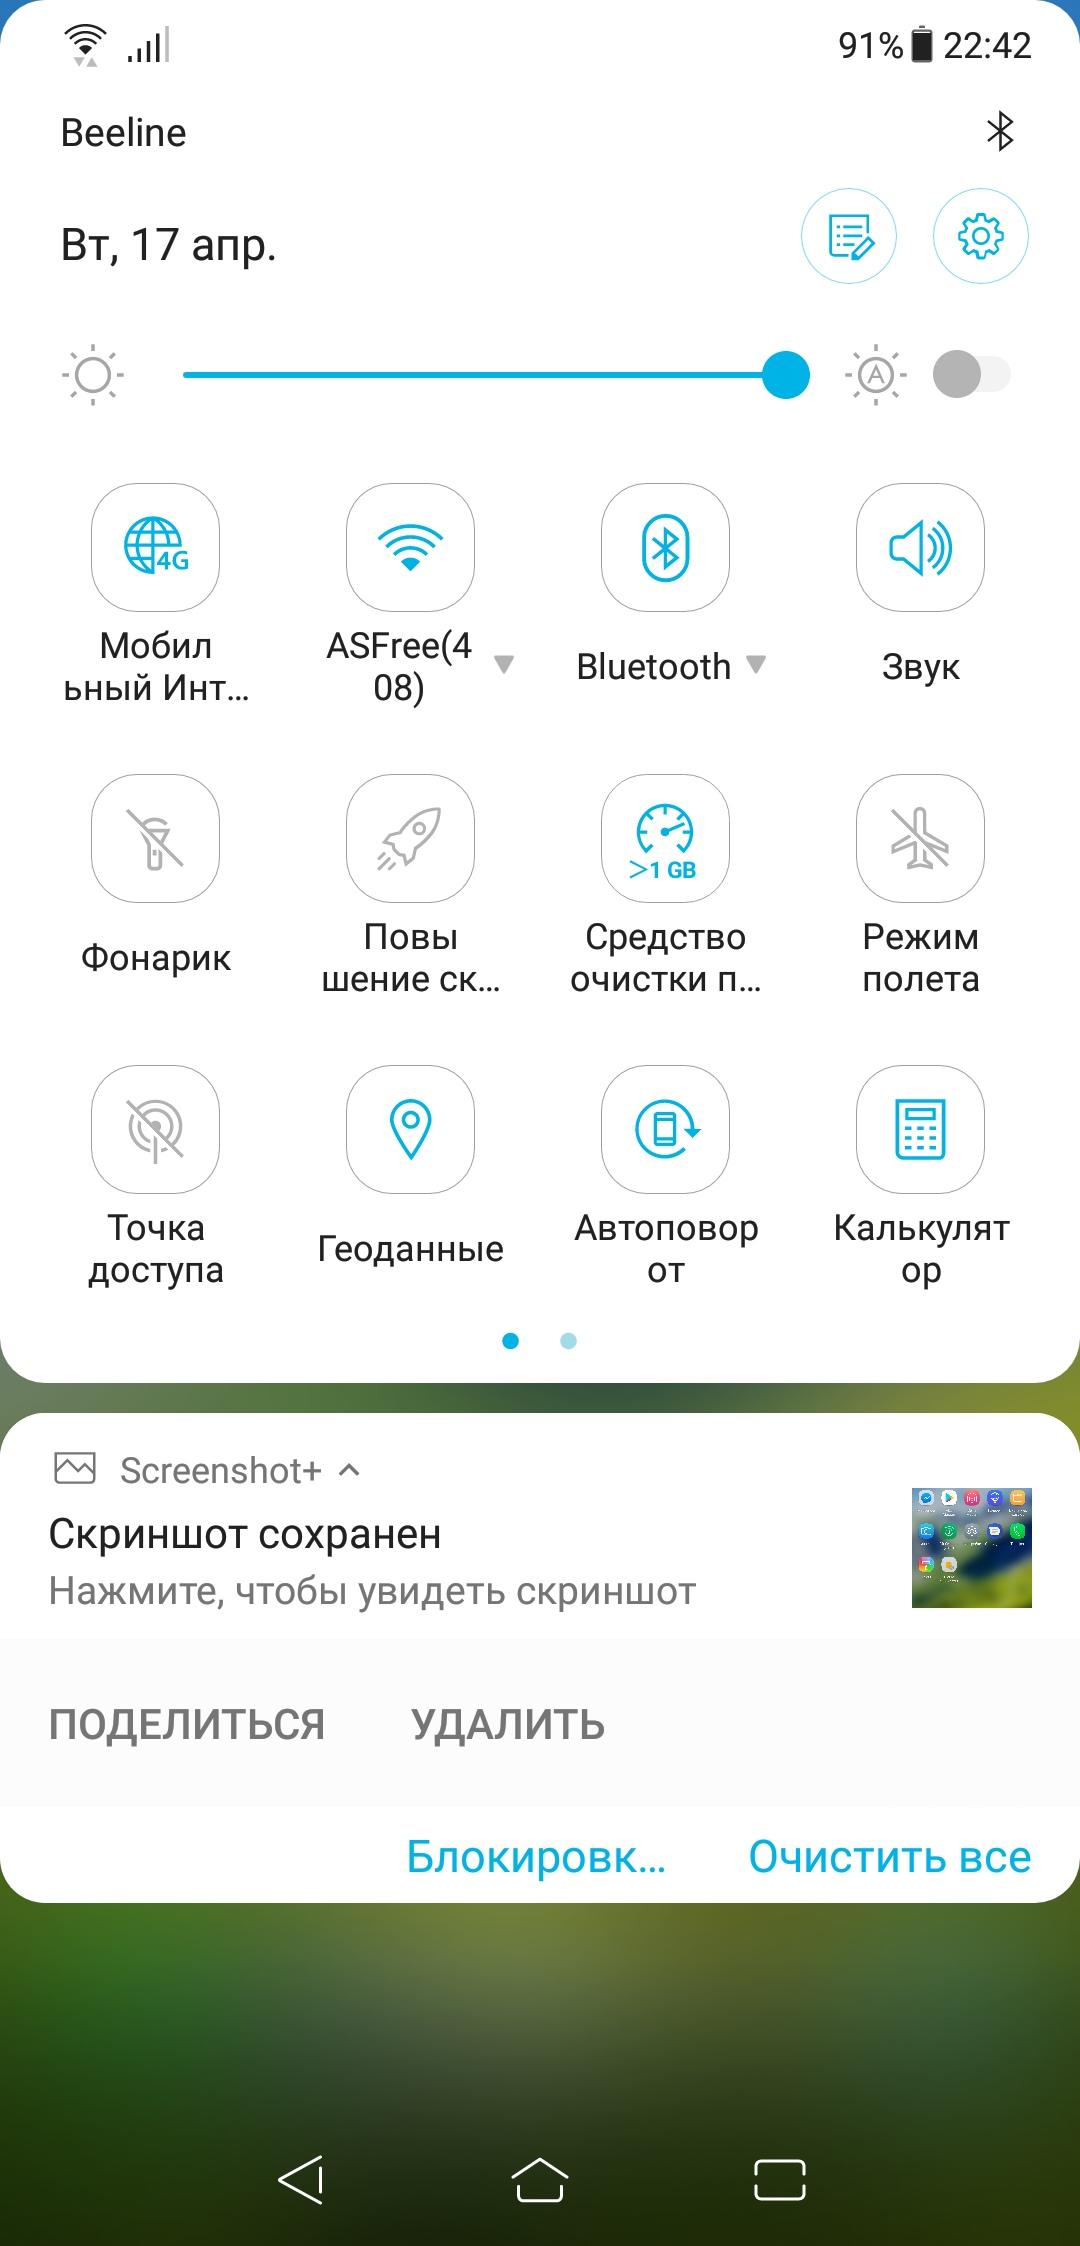 Обзор смартфона ASUS Zenfone 5 ZE620KL - 55